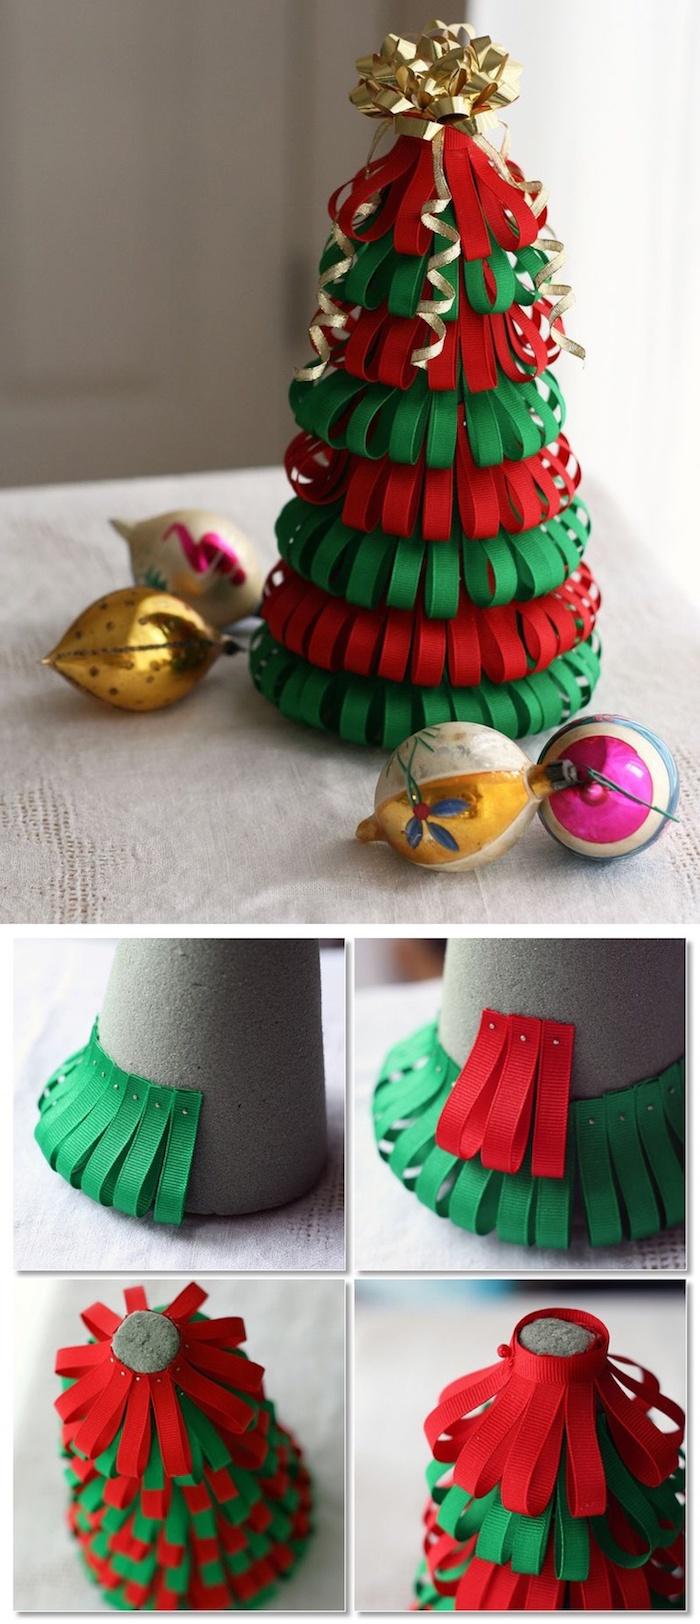 sapin de noel alternative en cône de carton avec des rubans rouge et vert attachés et une étoile de tissu or en top